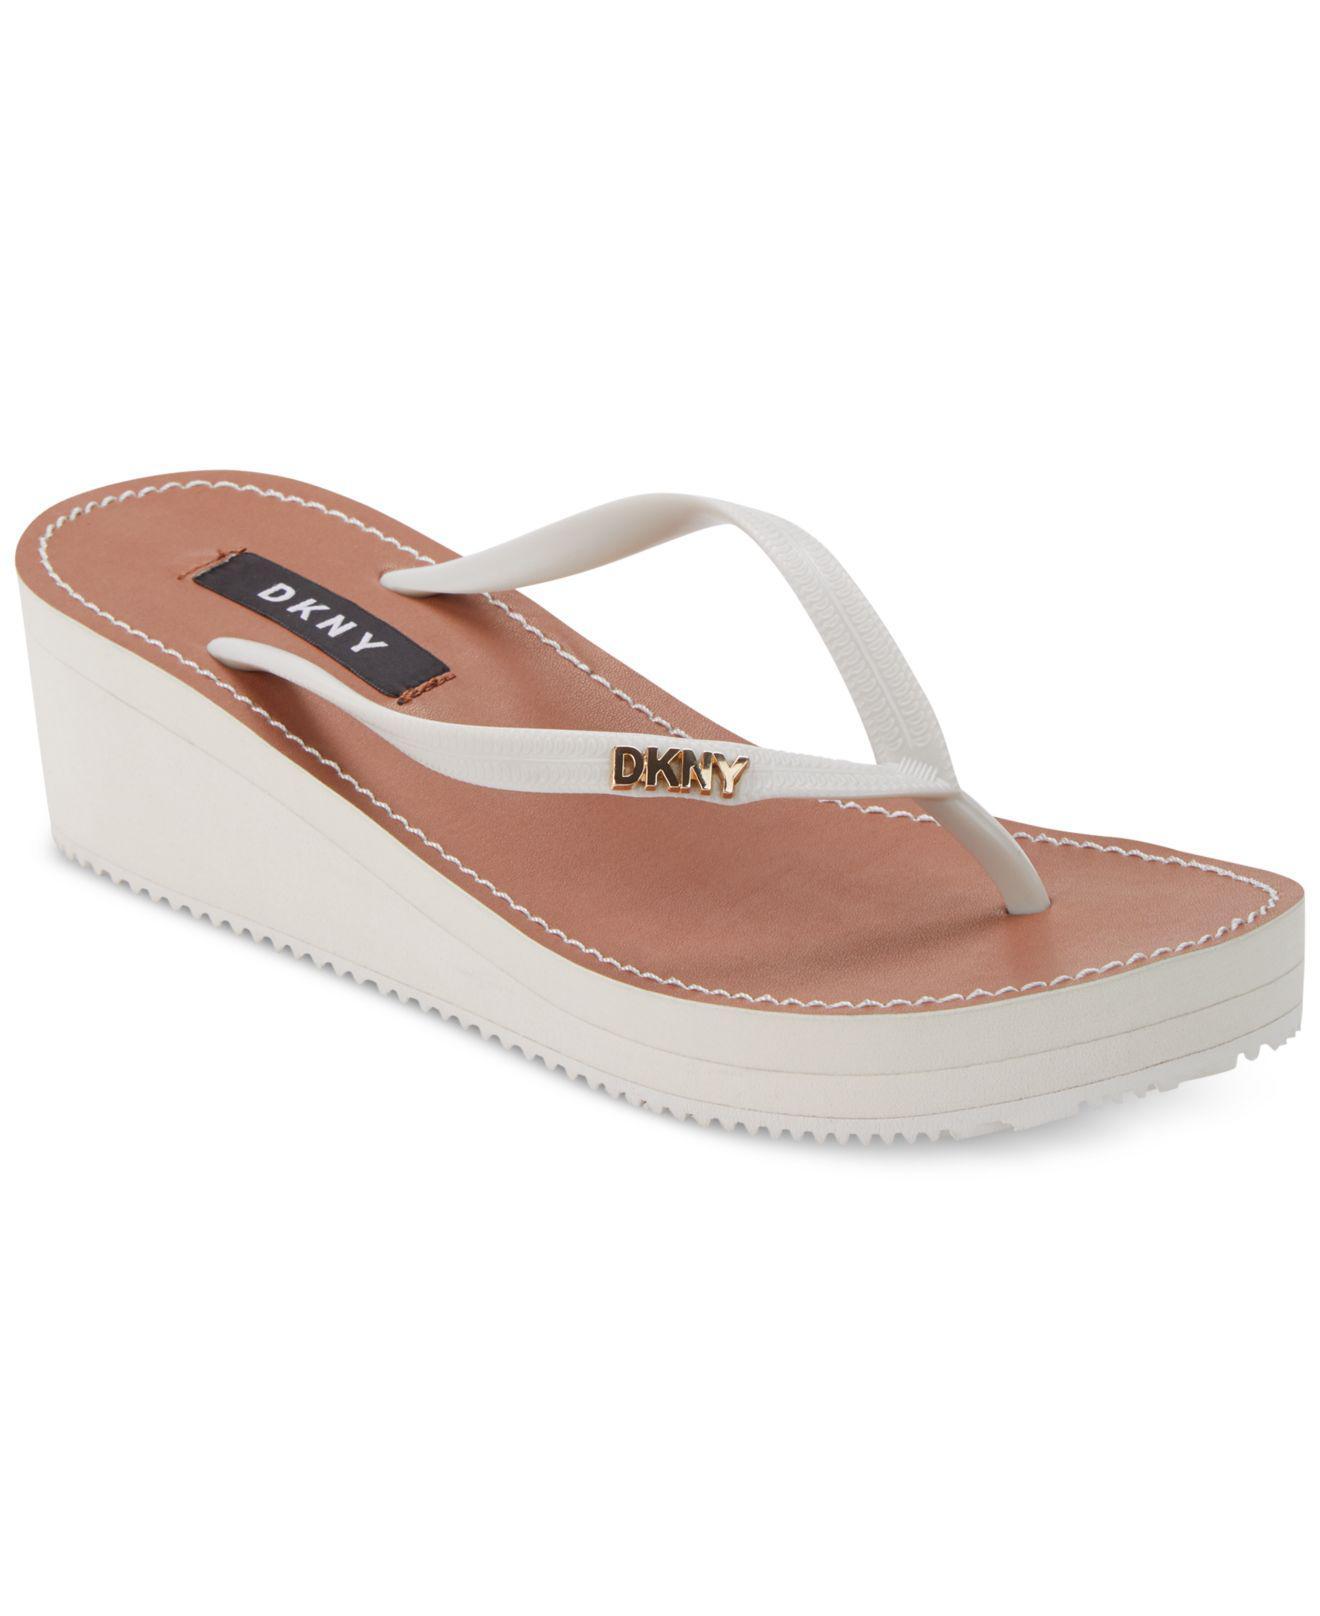 106cc1dbeee5 Lyst - DKNY Mar Wedge Sandals